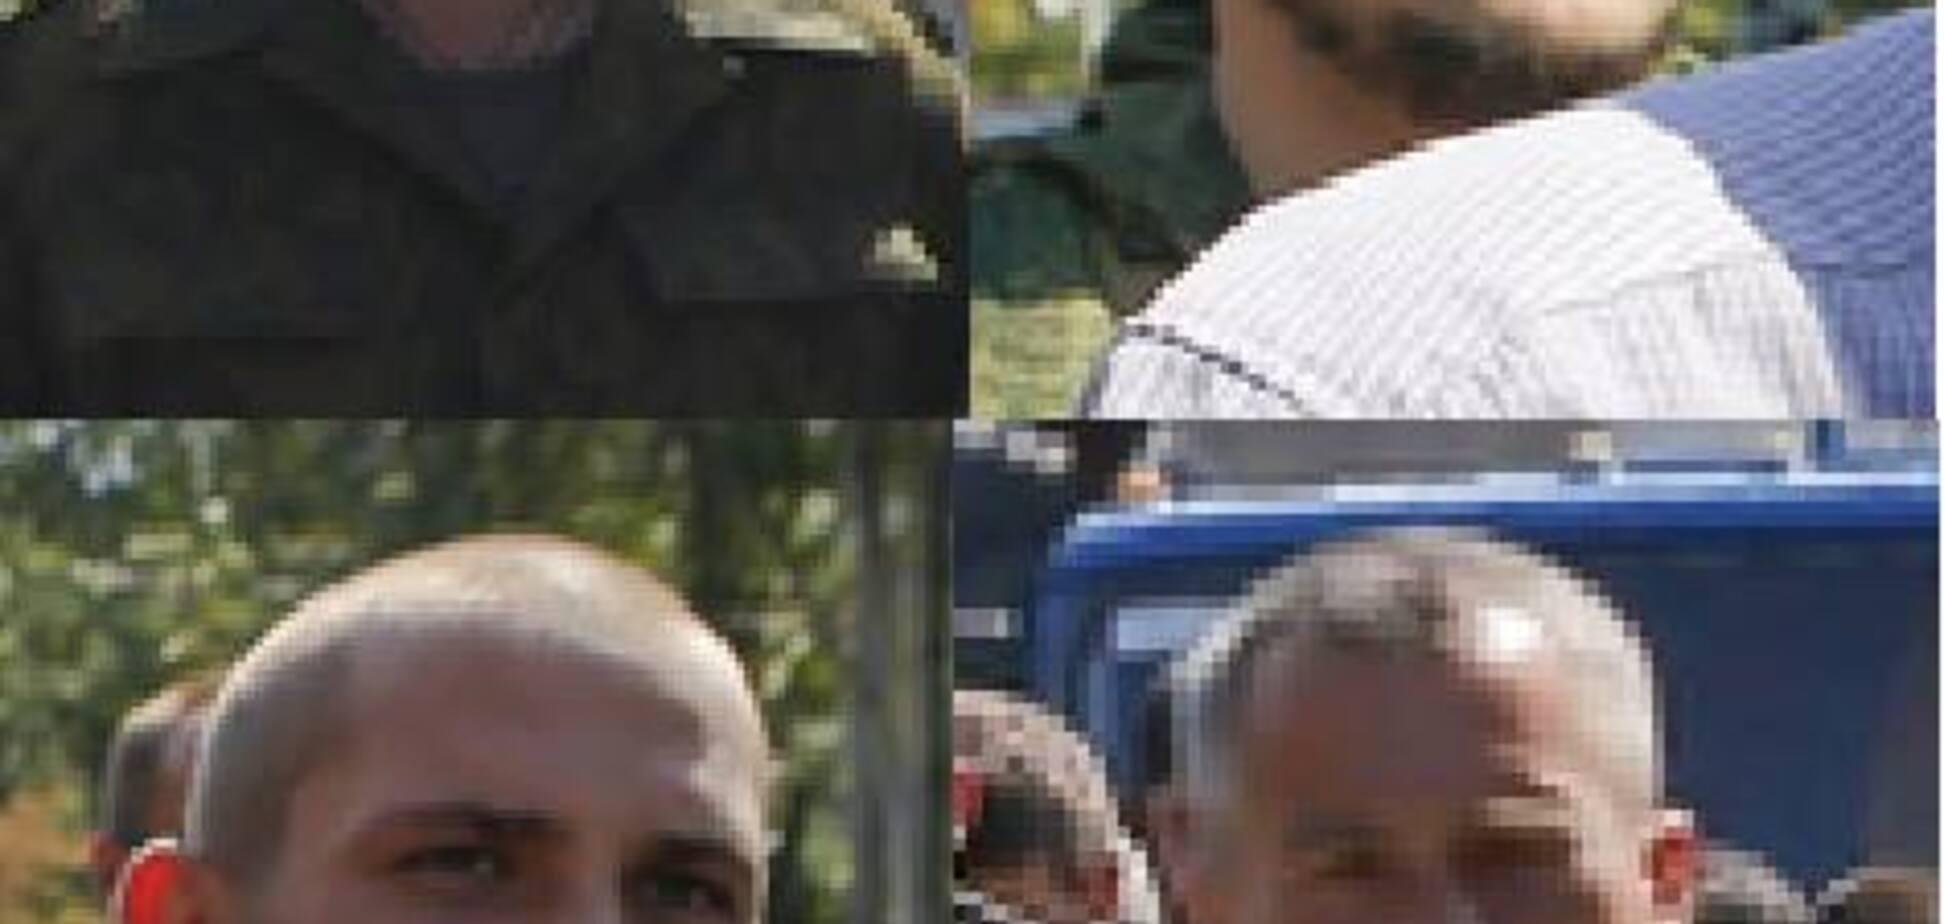 Допоможіть ідентифікувати бойовиків, що проводили 'парад полонених'